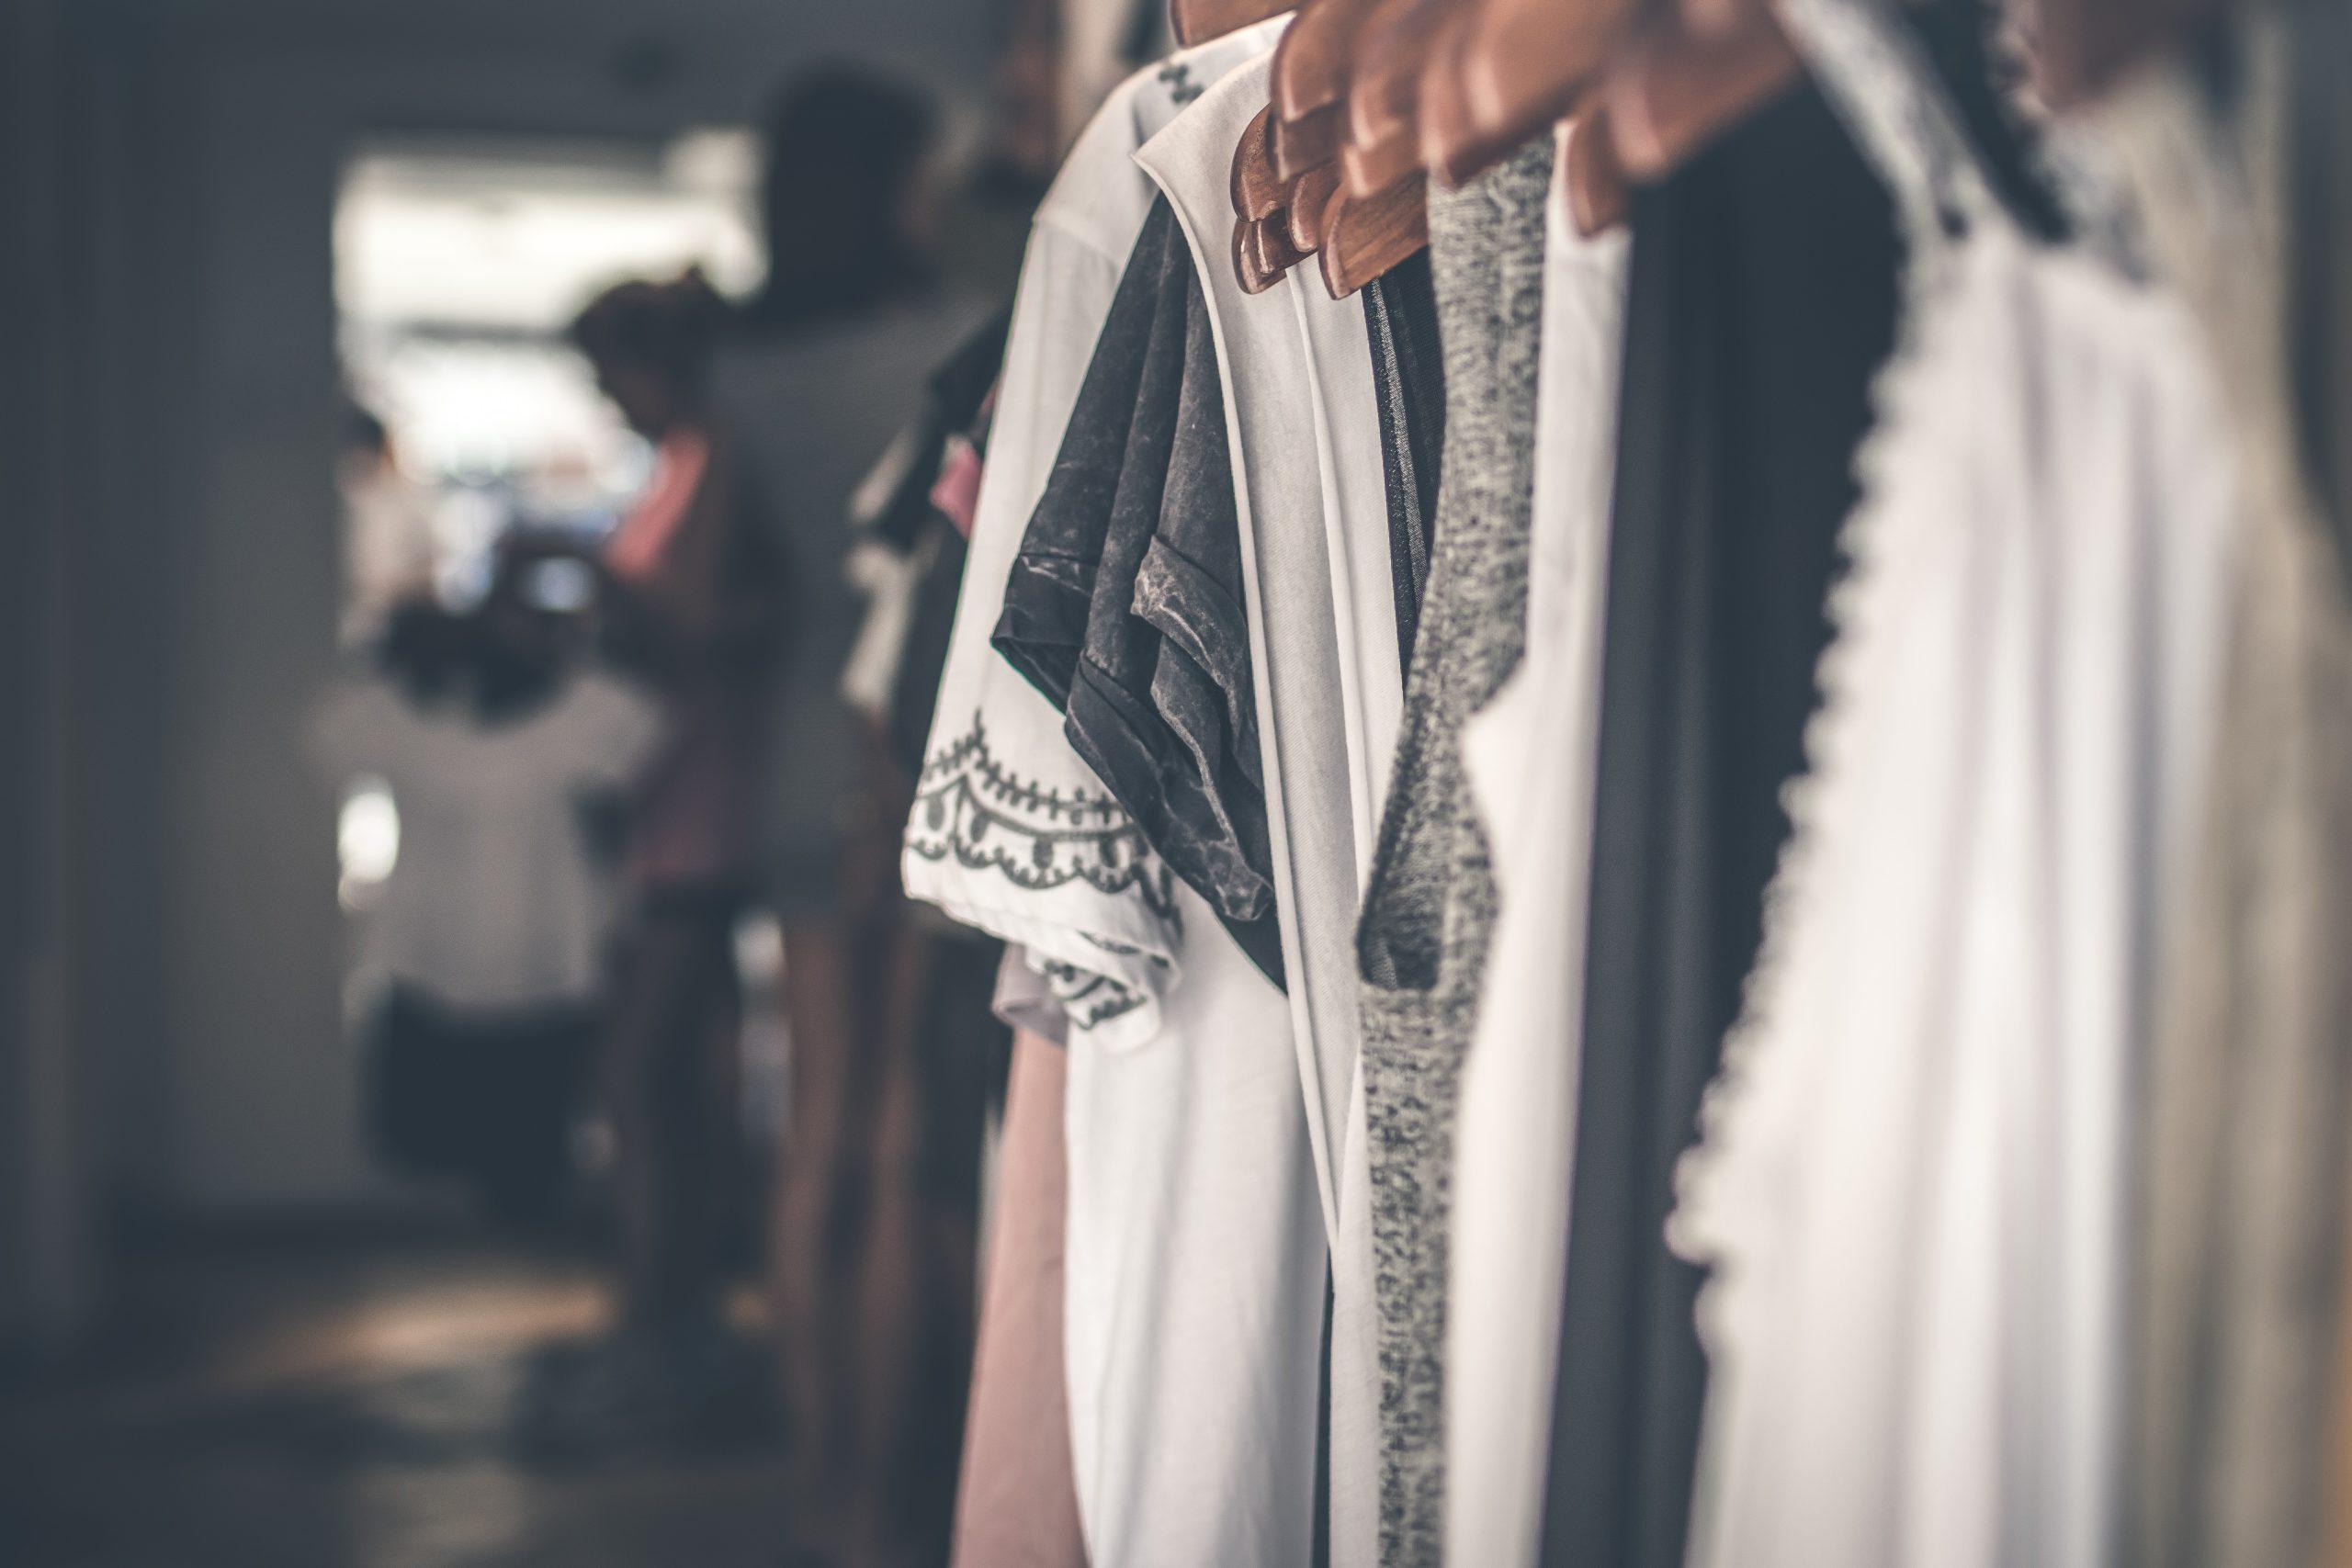 【ミニマリストのクローゼット】服をスッキリ収納する4つのポイント